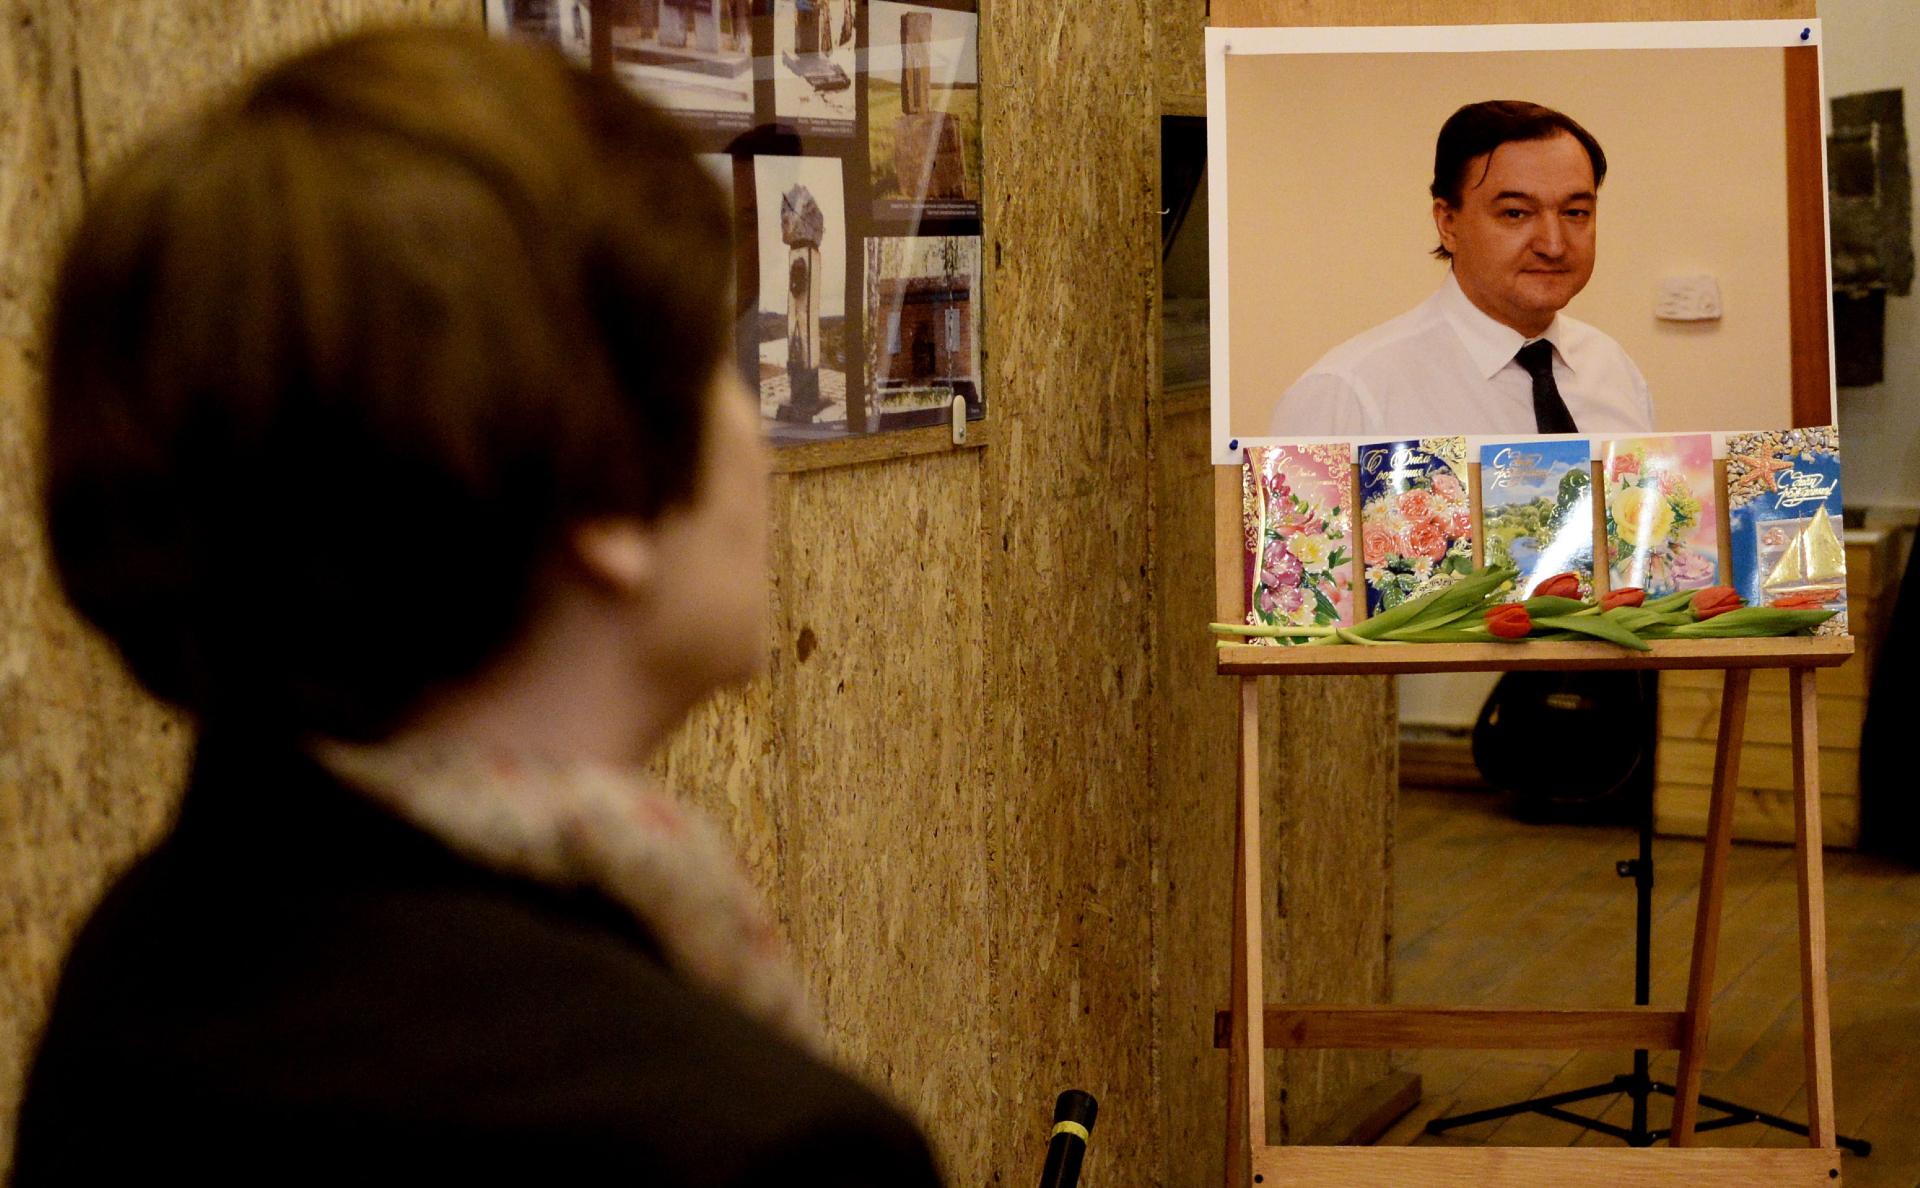 Вечер памяти Сергея Магнитского в Сахаровском центре